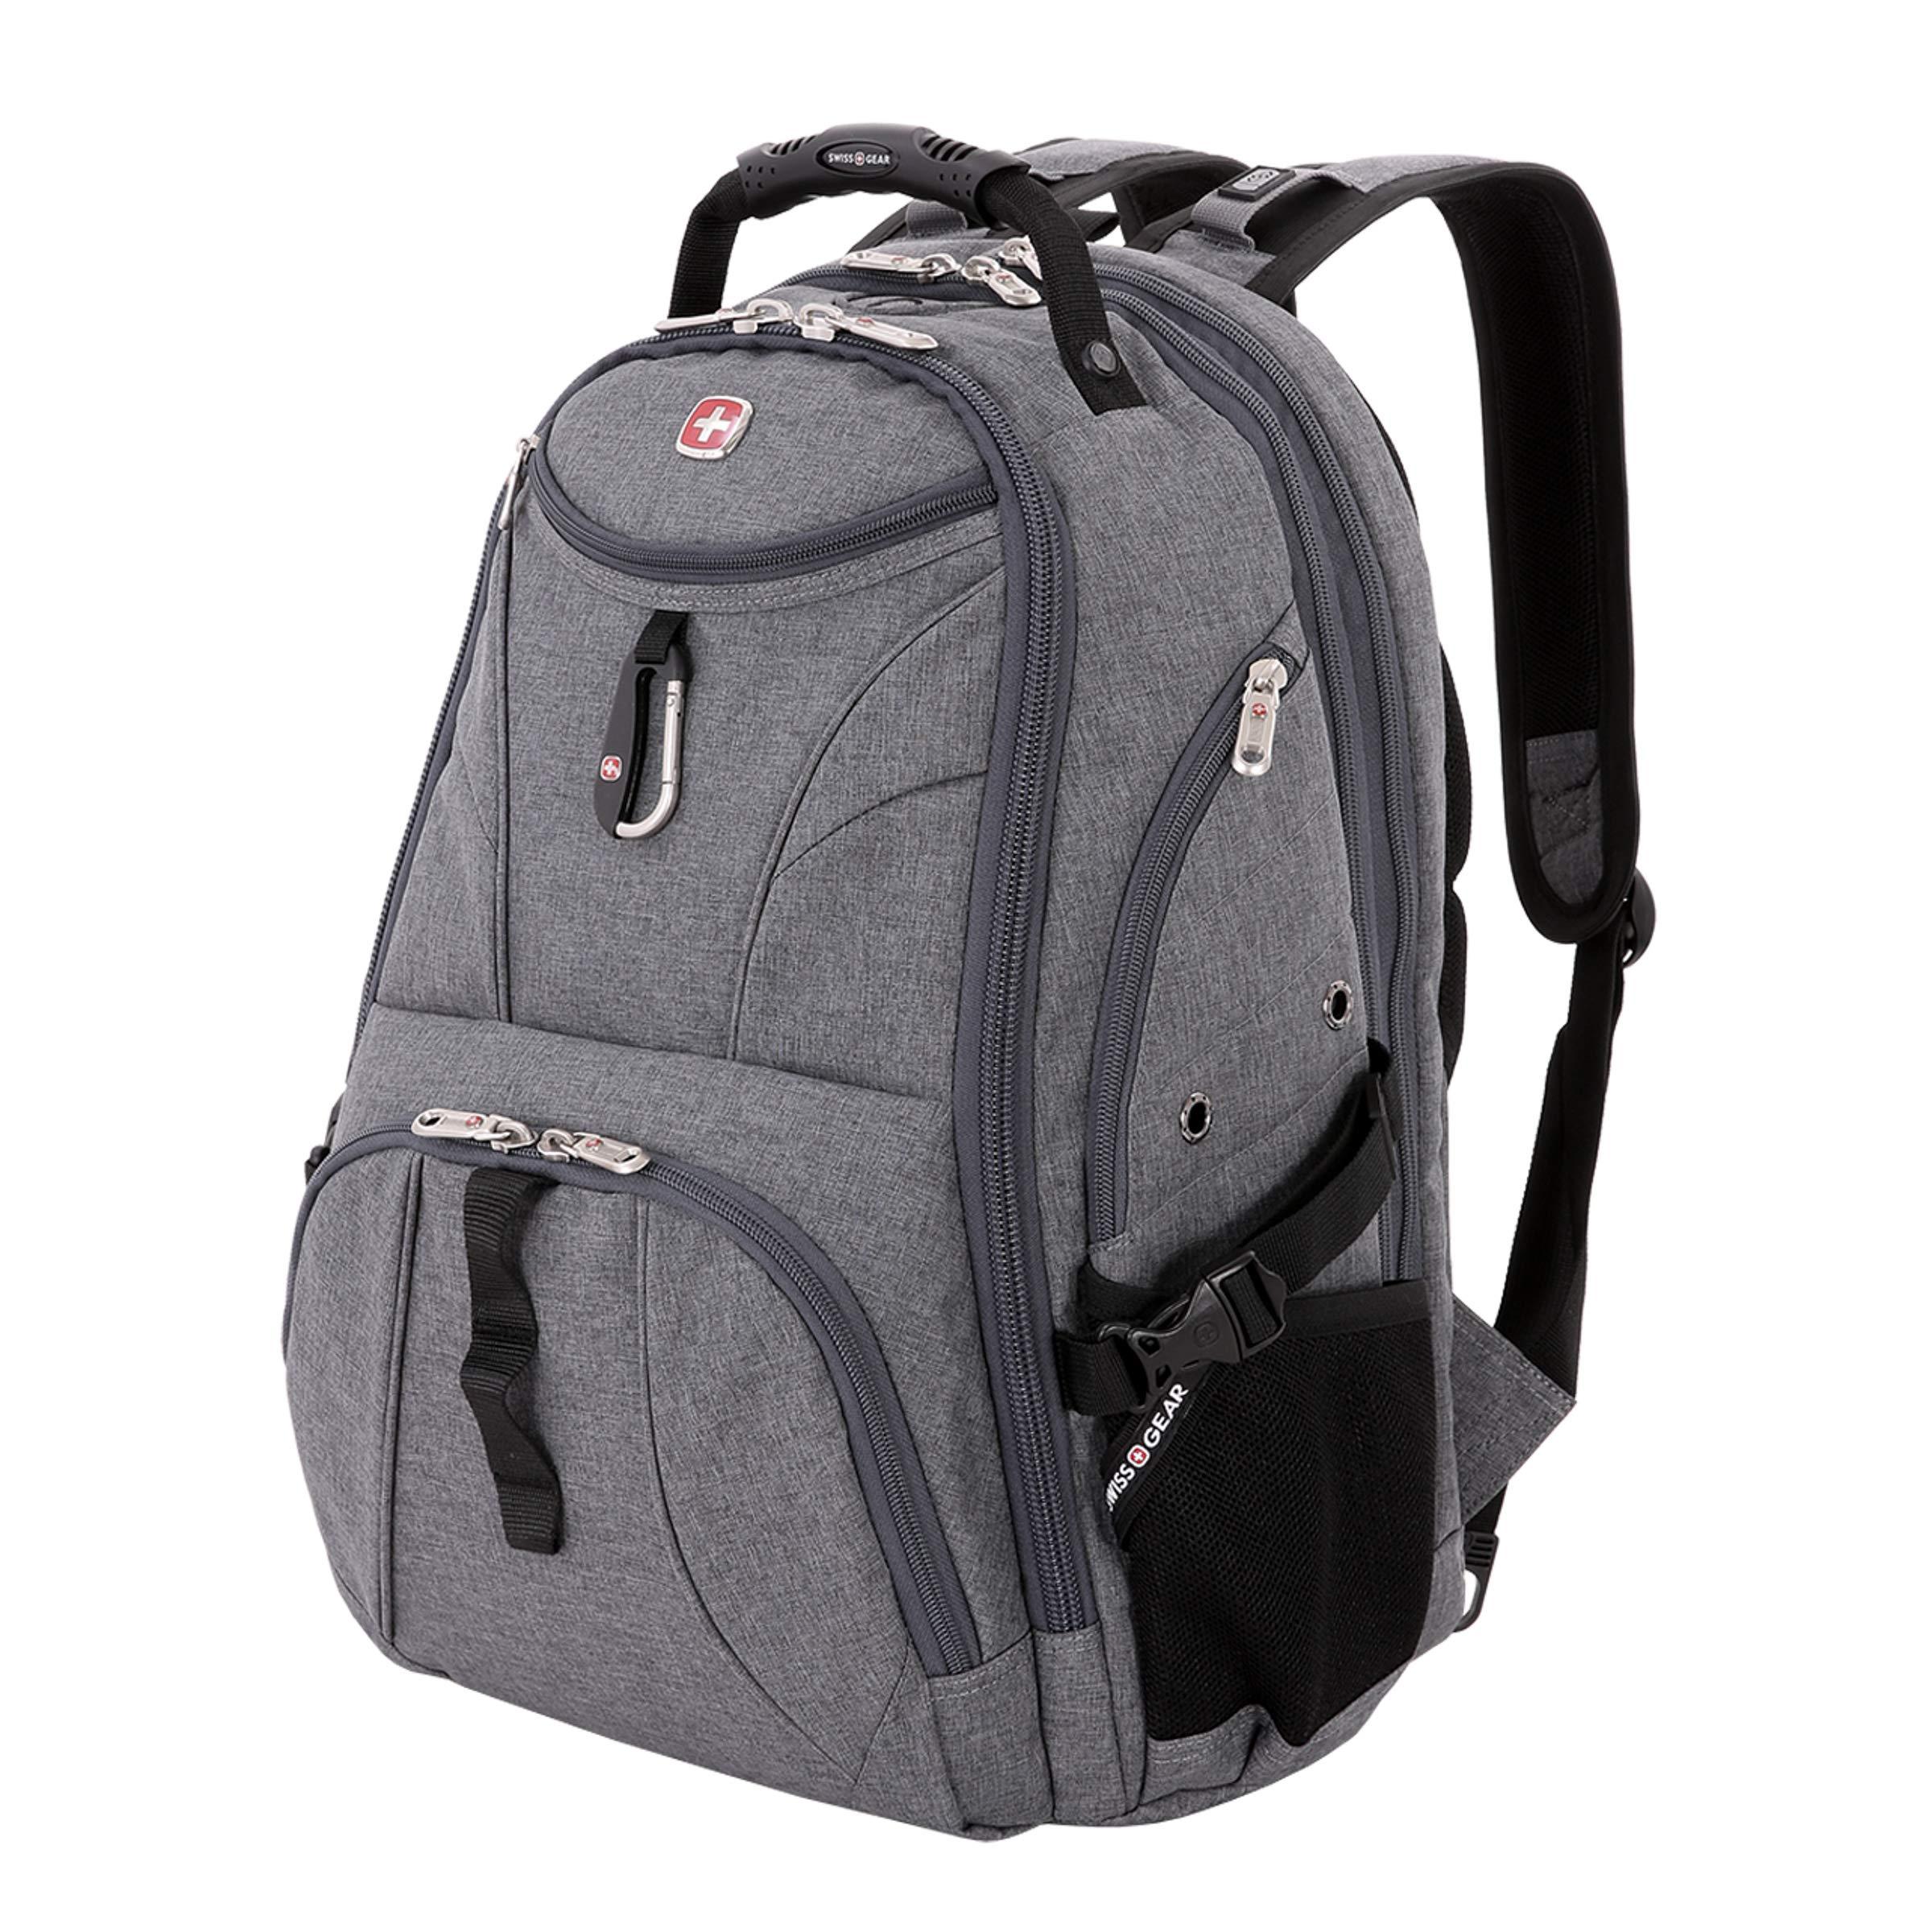 SwissGear 1900 Scansmart TSA Laptop Backpack - Grey Heather by Swiss Gear